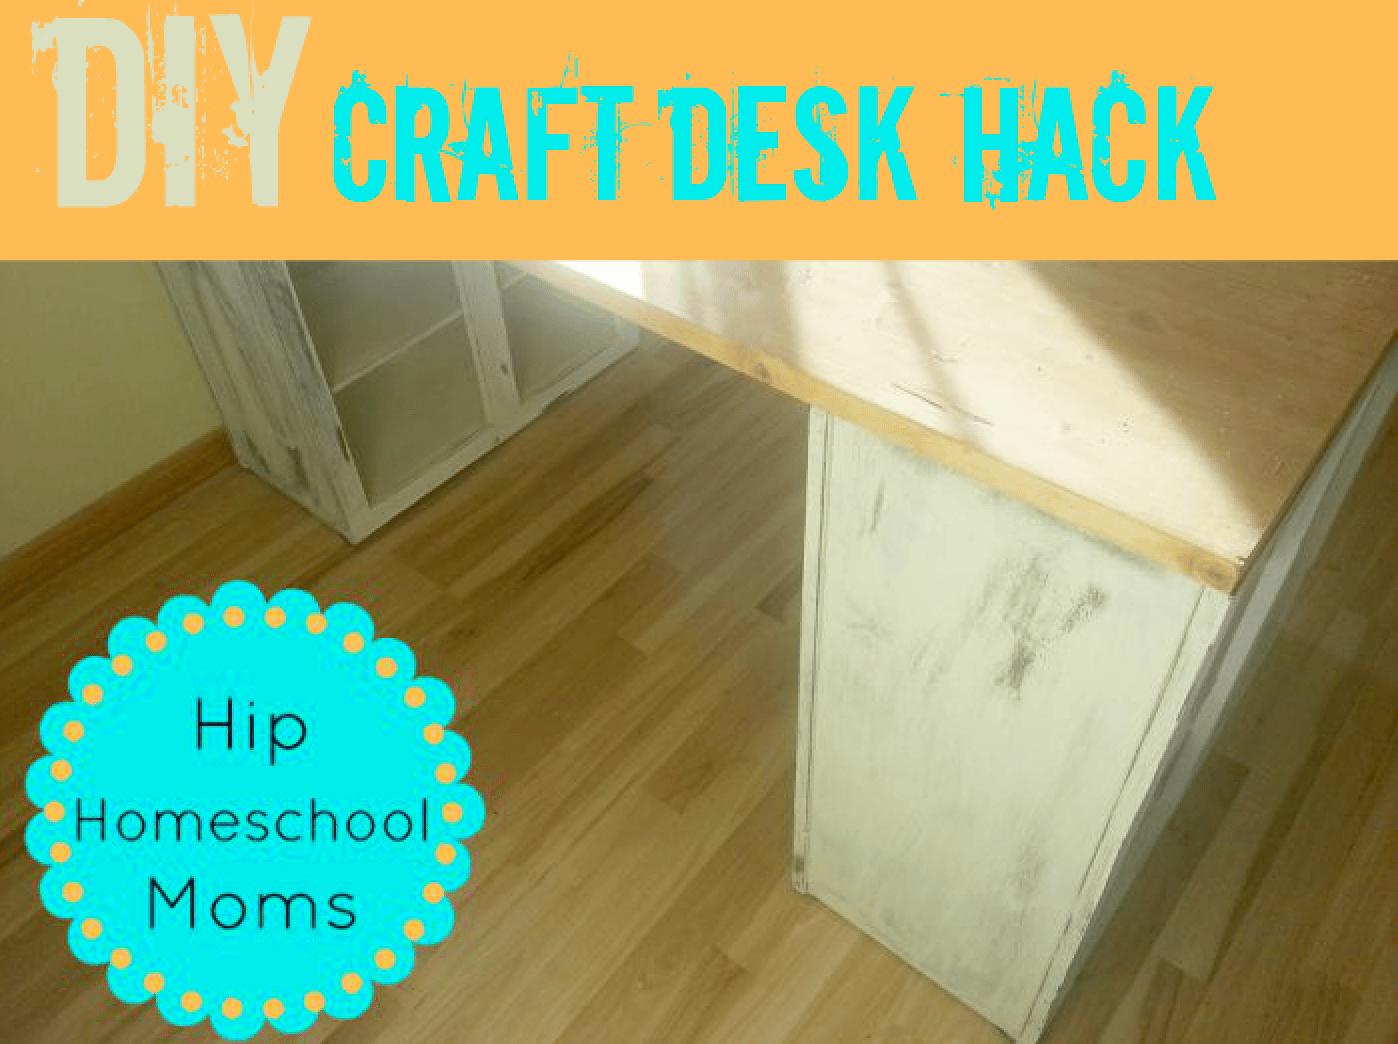 DIY Craft Desk Hack